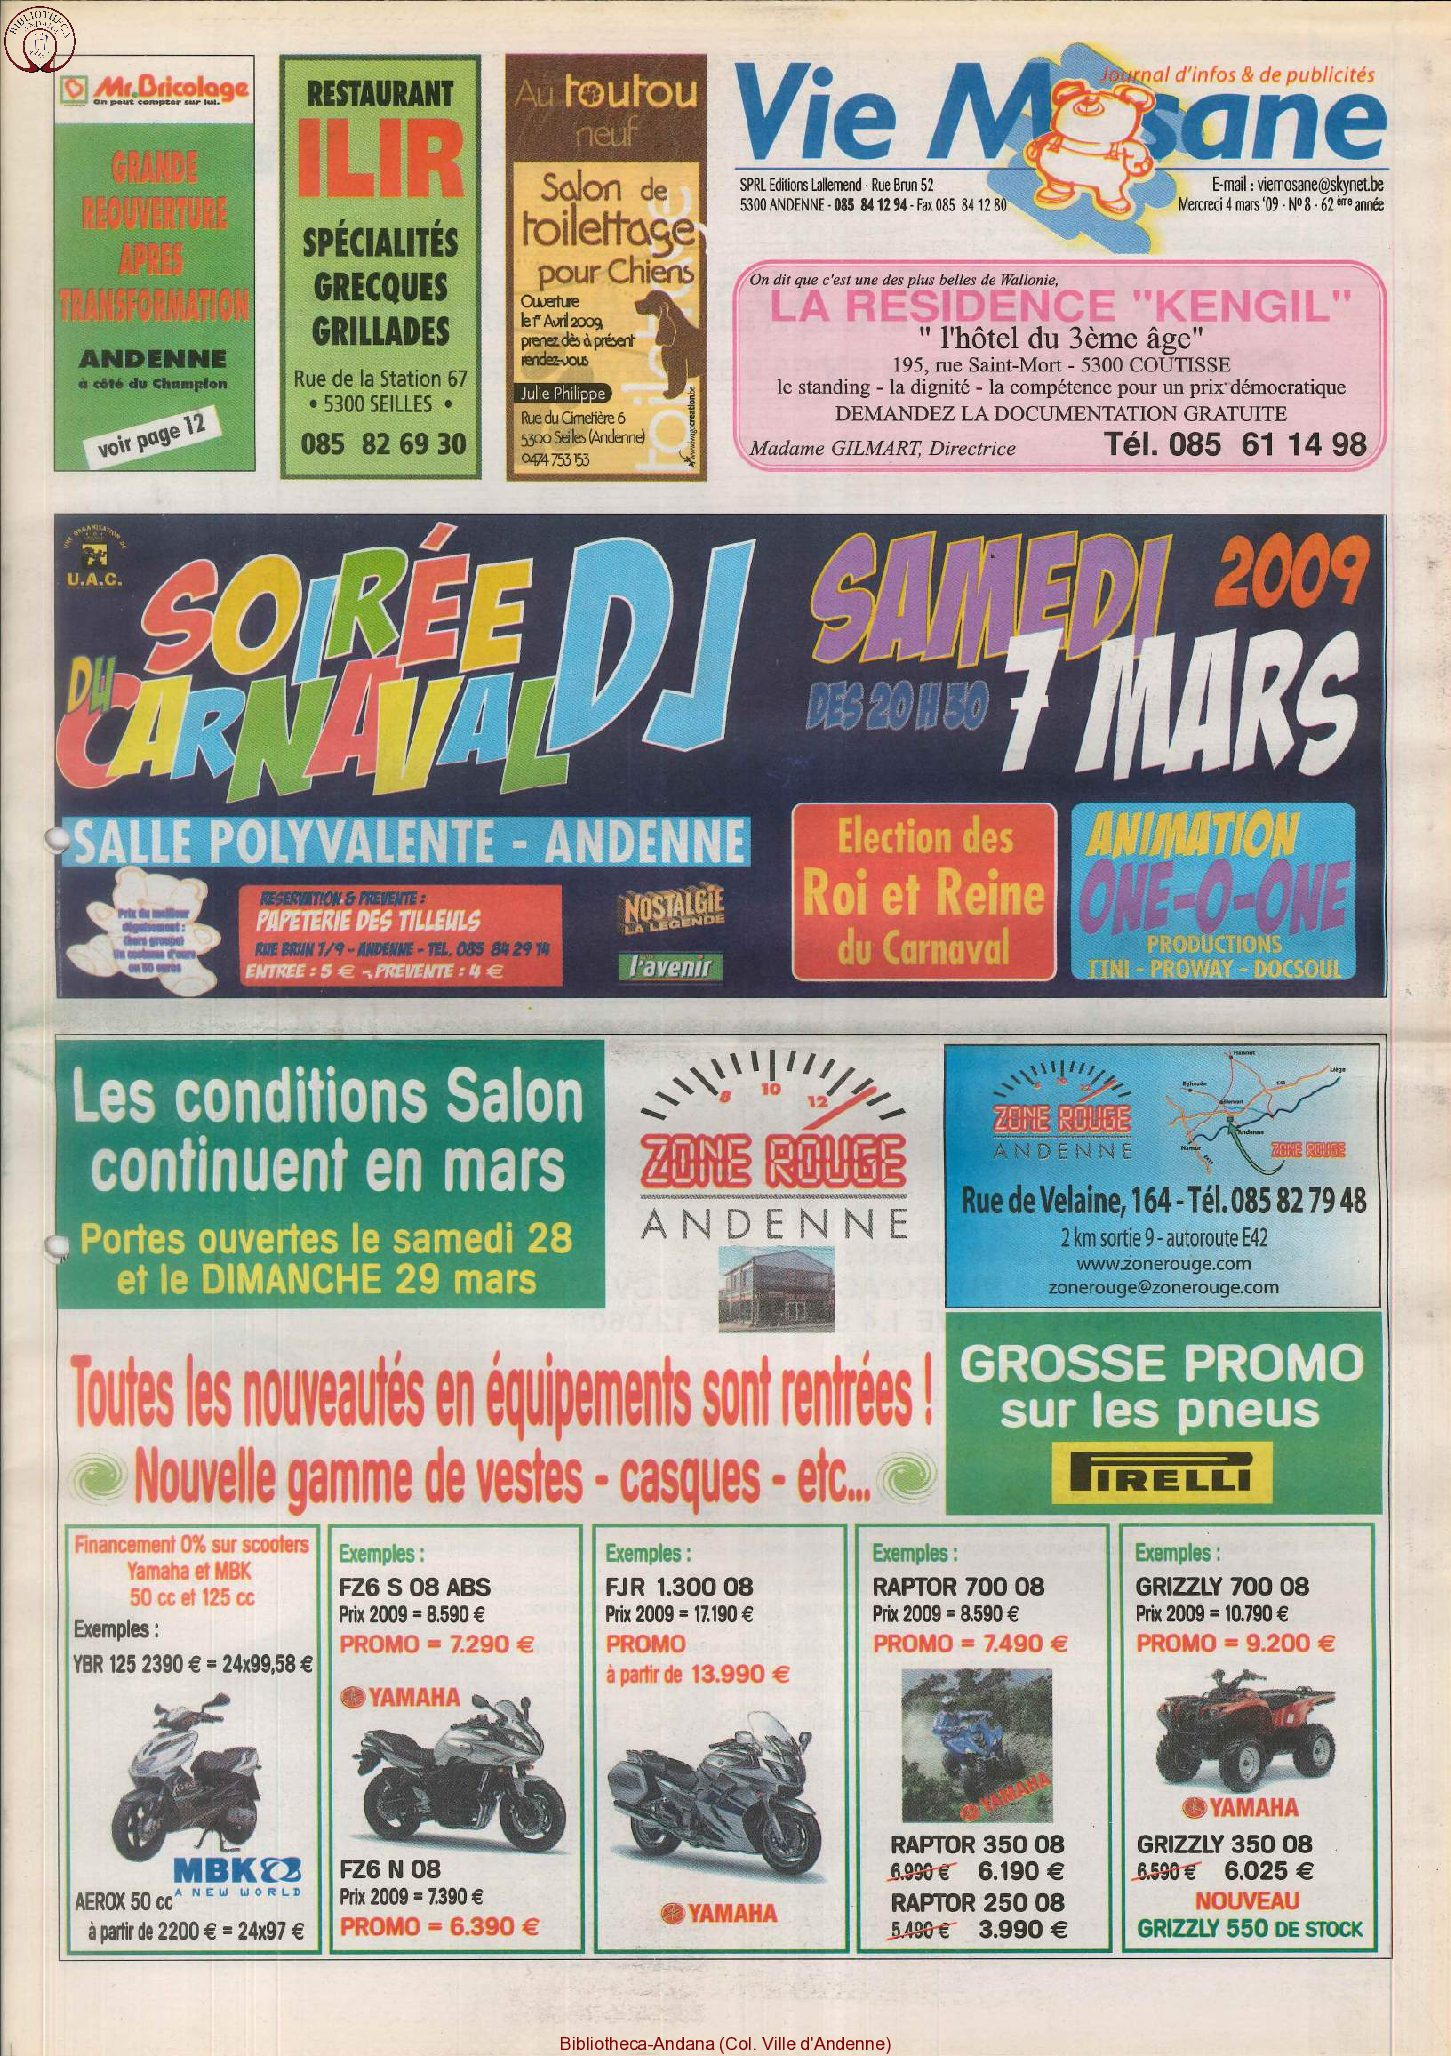 62e année - n°8 - 4 mars 2009